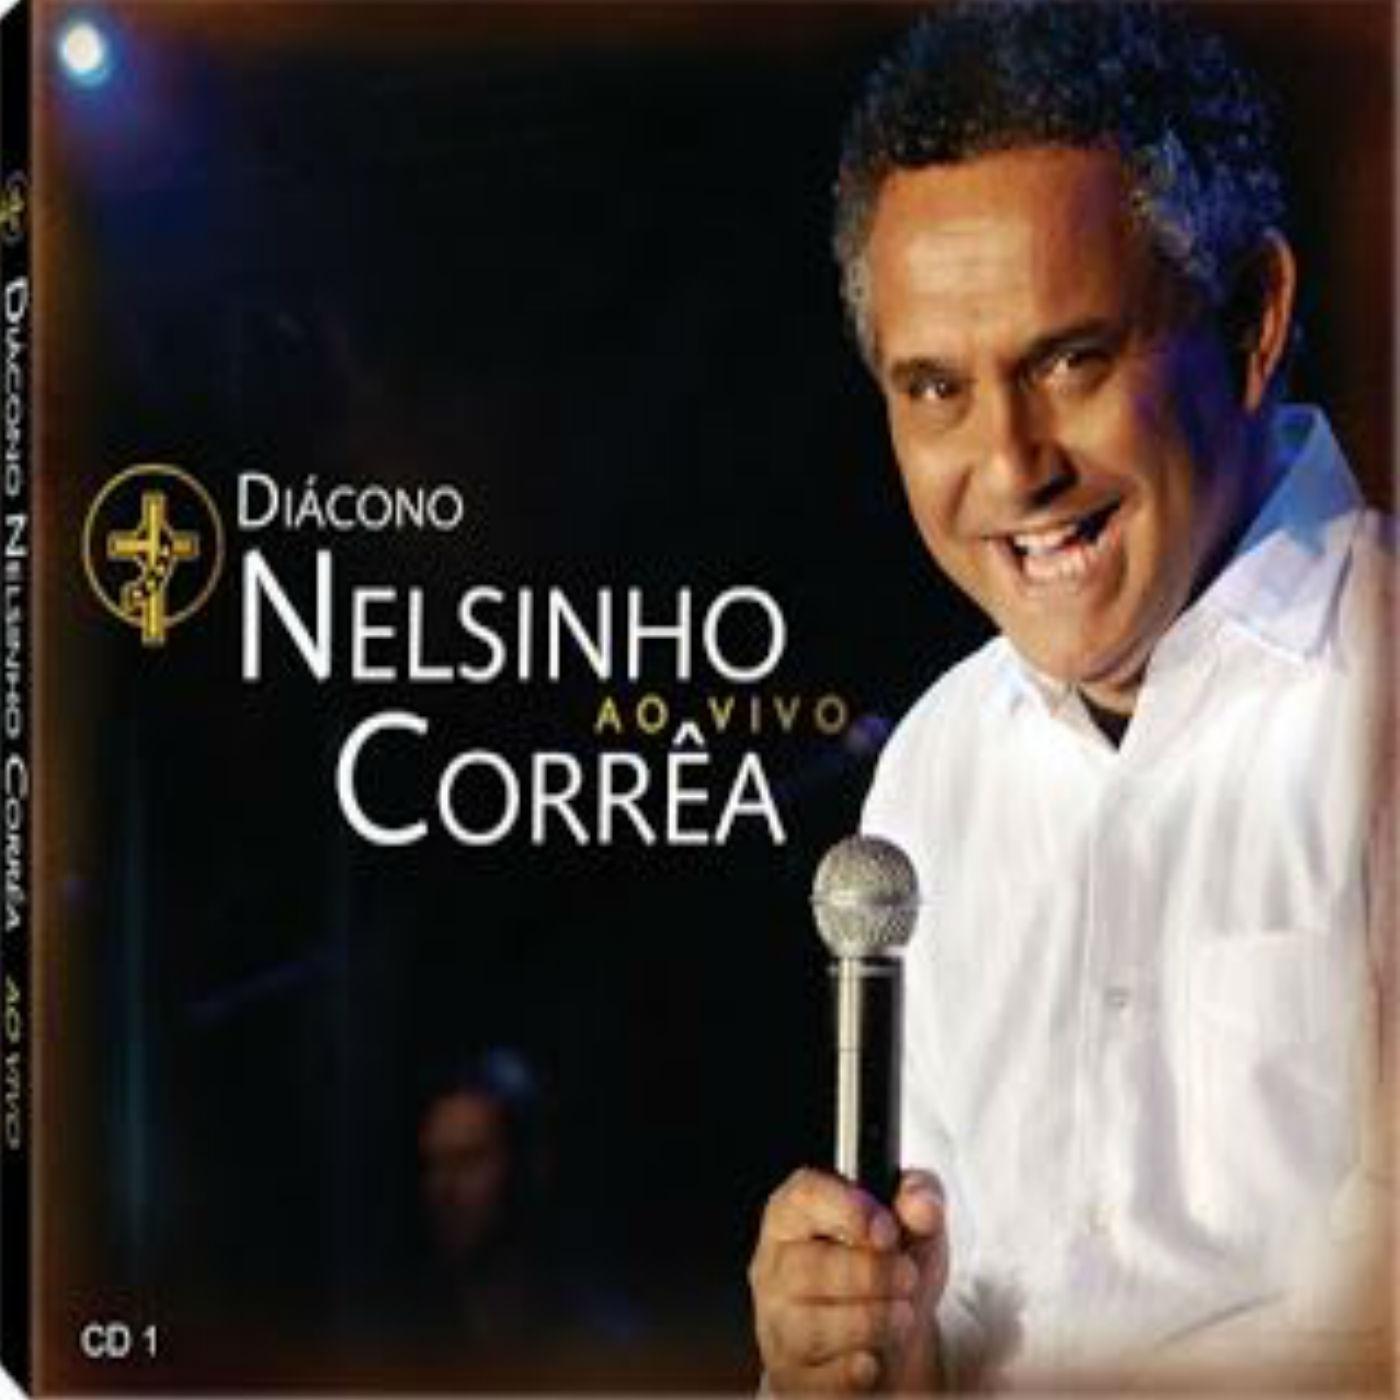 nelsinho CD 1